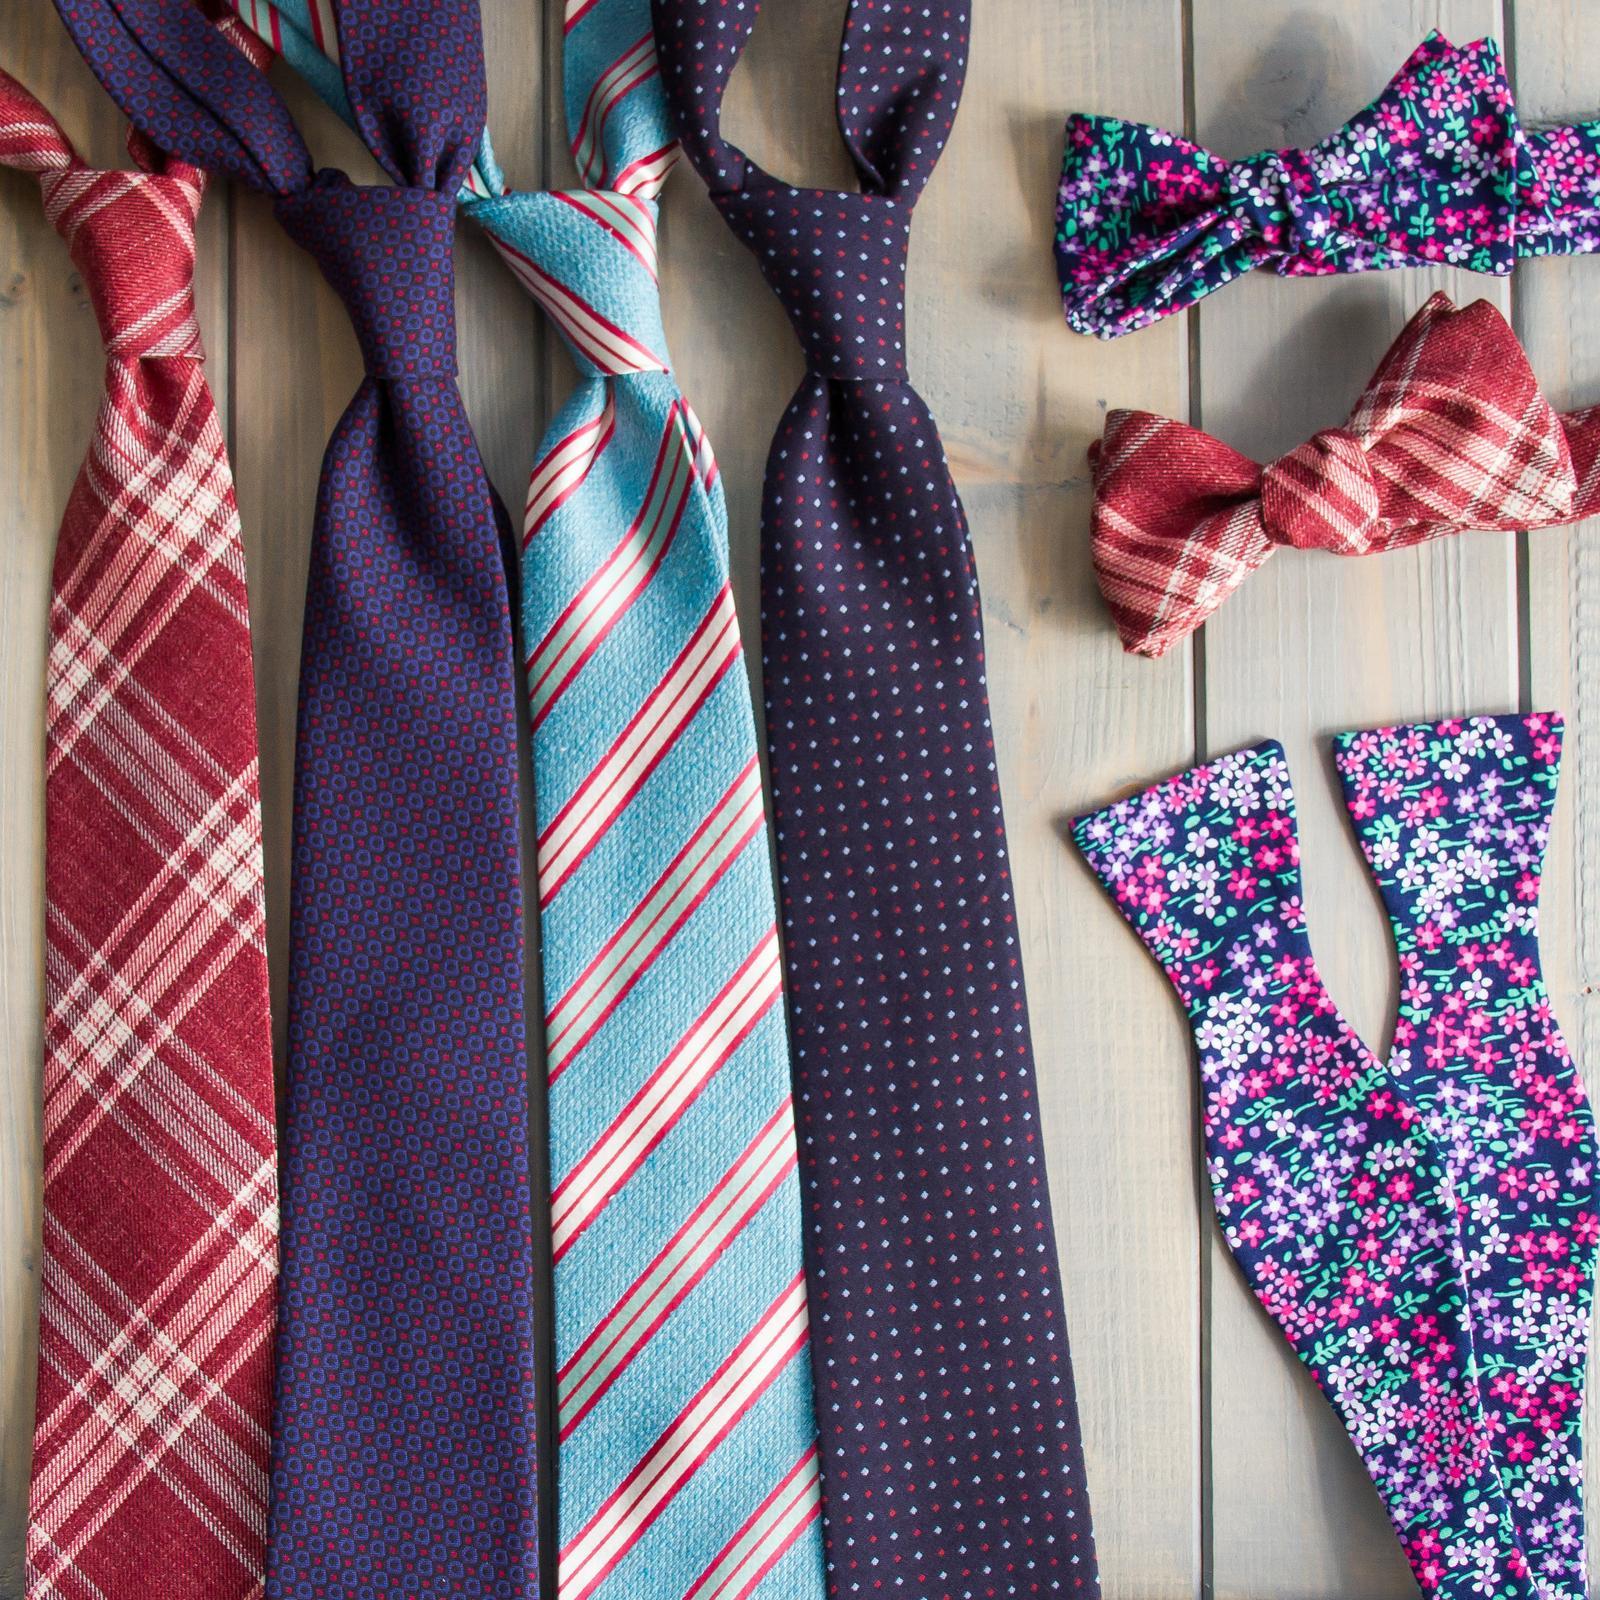 bubibubi_ties - Nová kolekce kravat a motýlků.